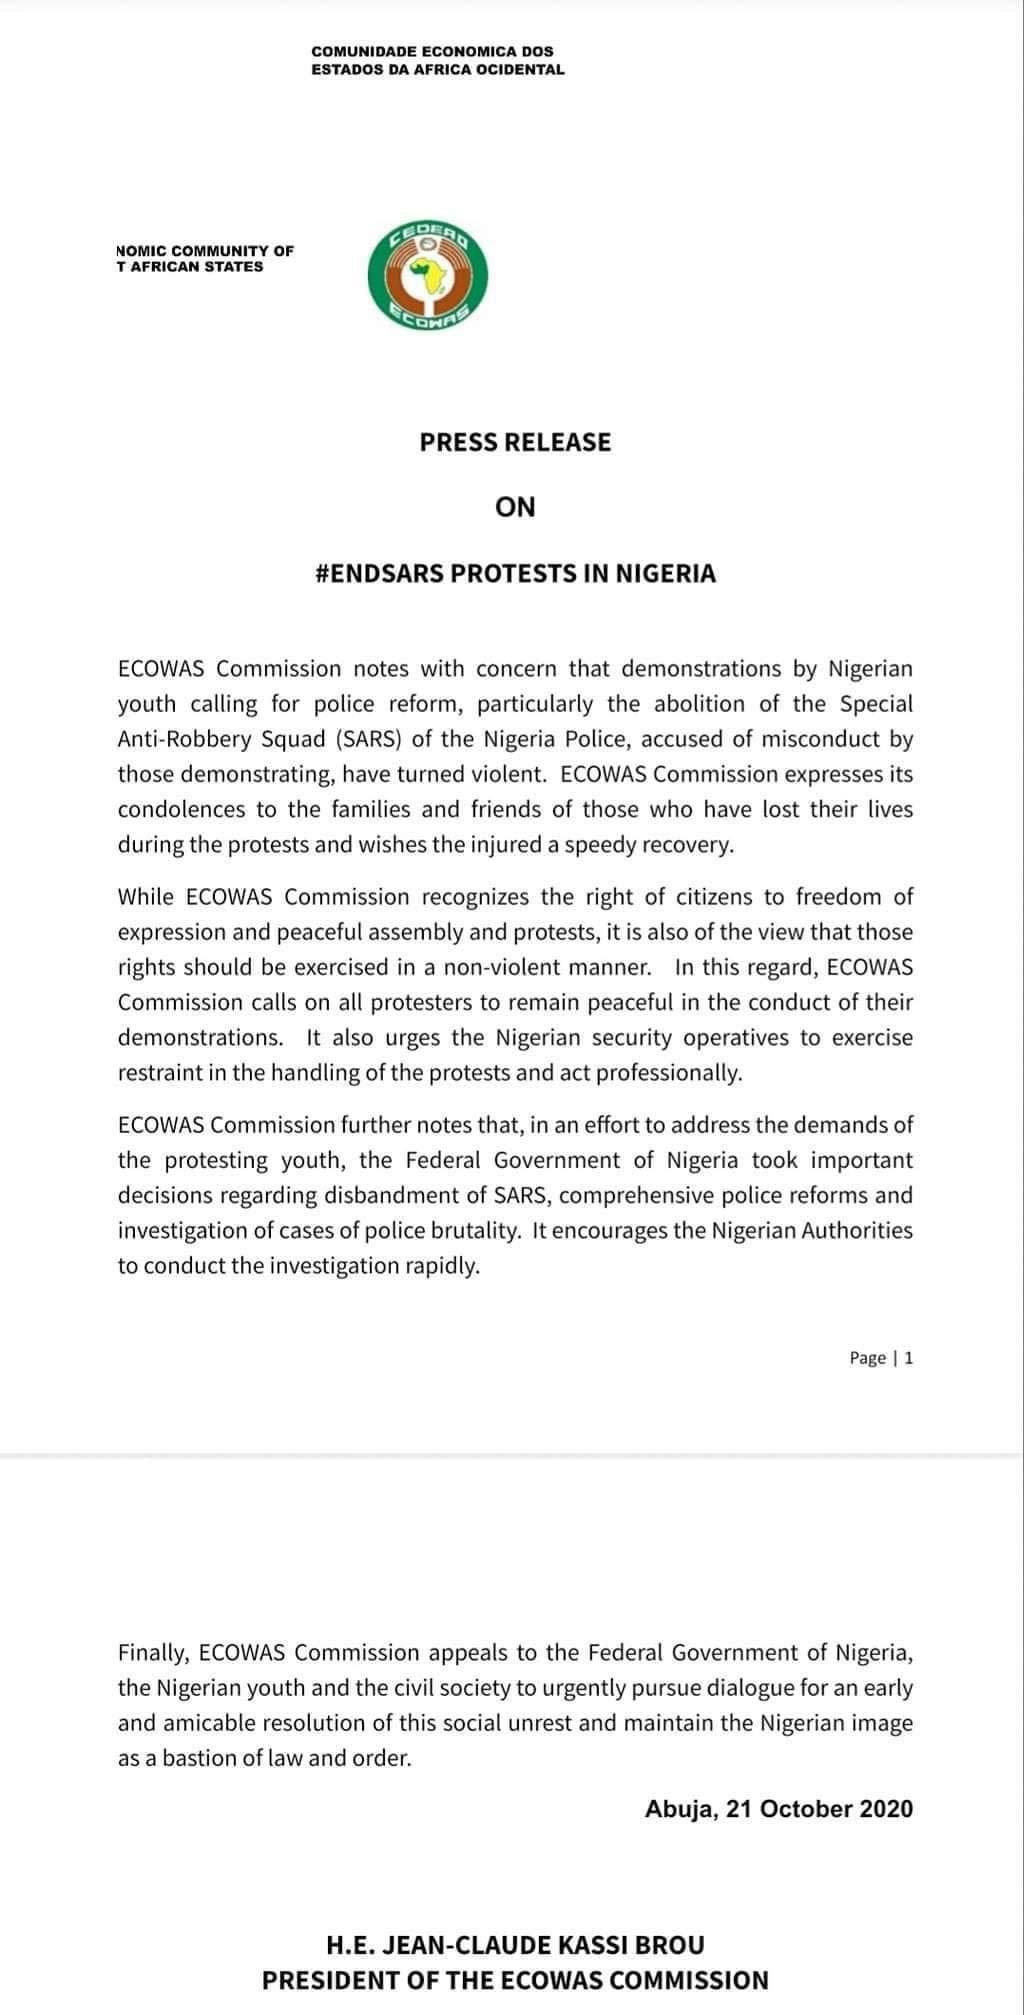 ECOWAS Speaks on #EndSARS brutalities